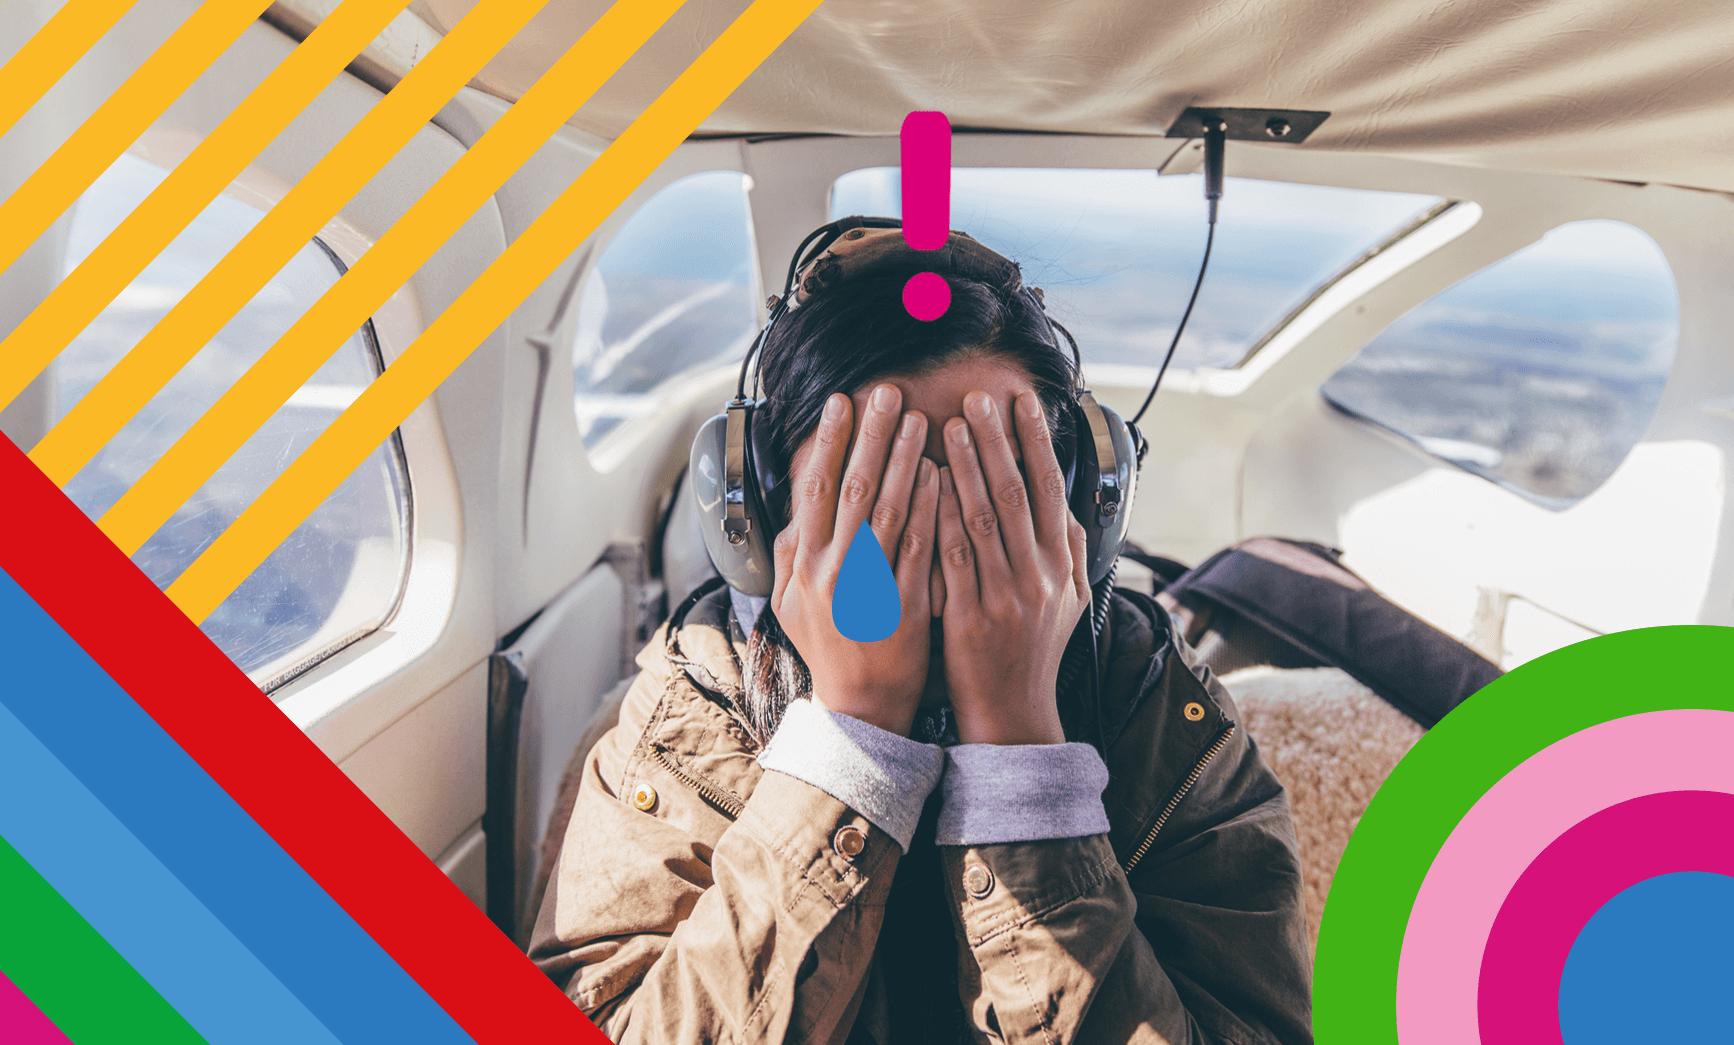 Frau versteckt Gesicht hinter Händen im Flugzeug